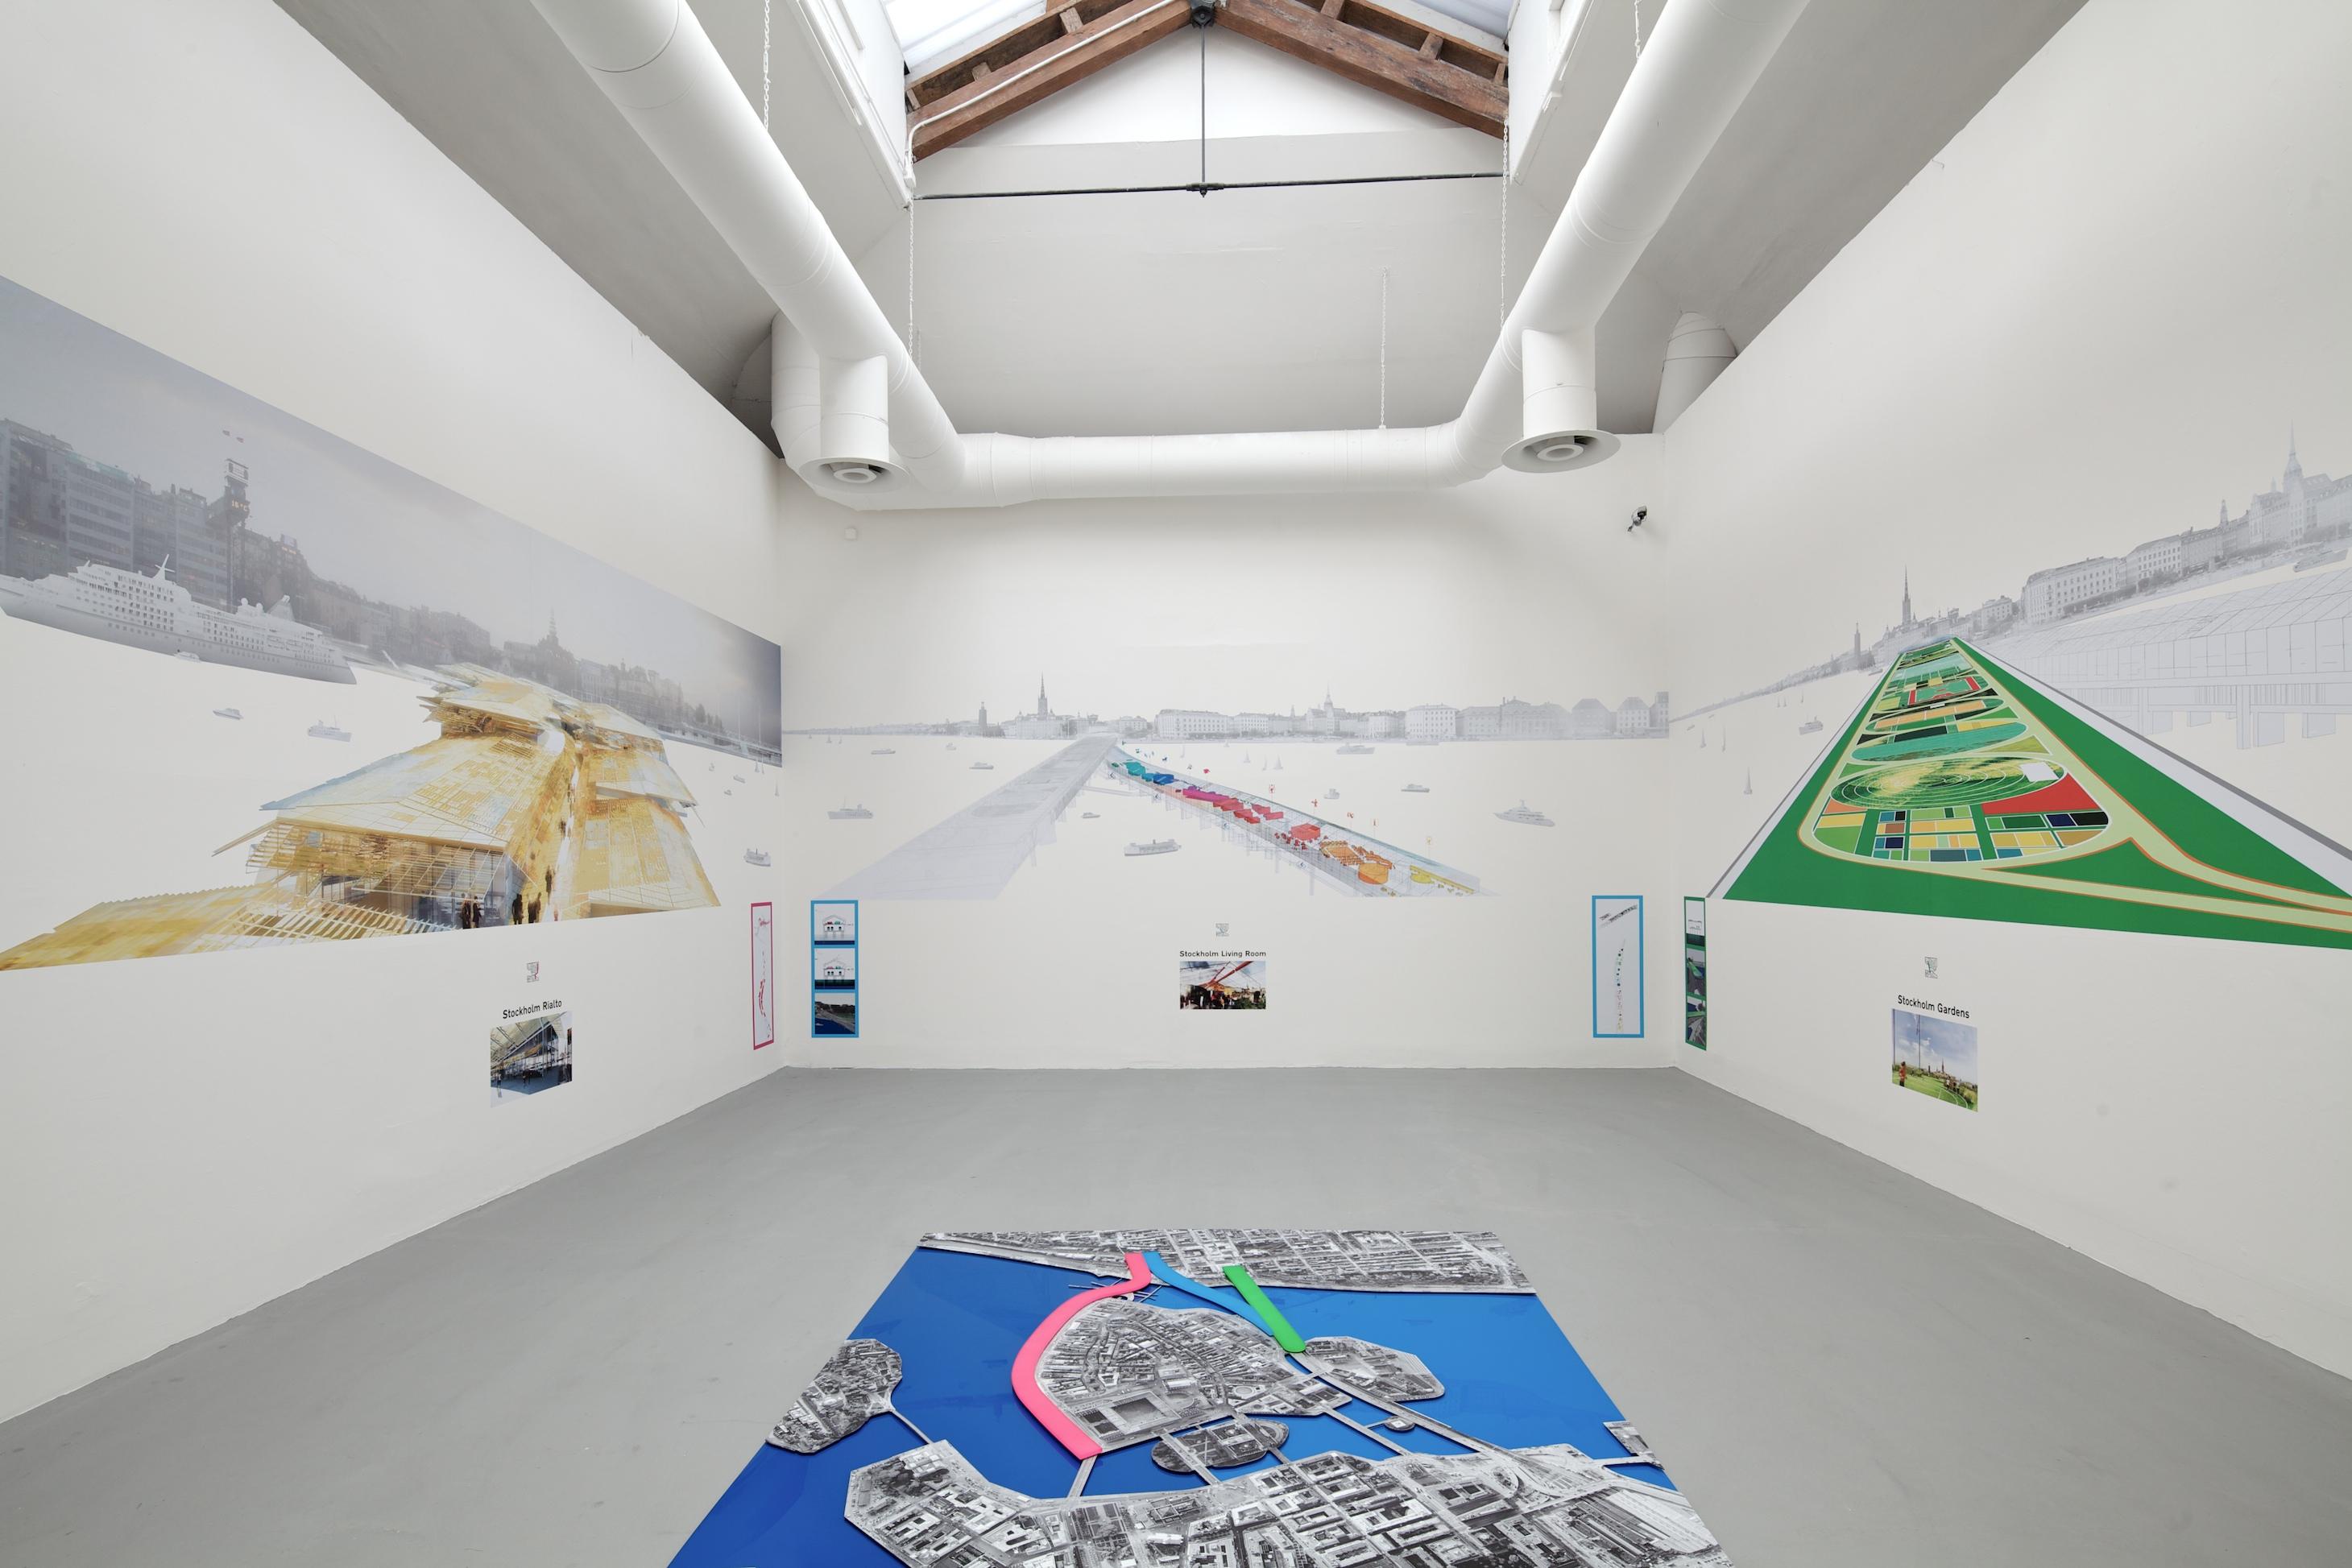 Bienal de Veneza 2012: Linhas de reuniões / Ateliers Jean Nouvel + habiter Autrement (Mia Hägg), © Nico Saieh